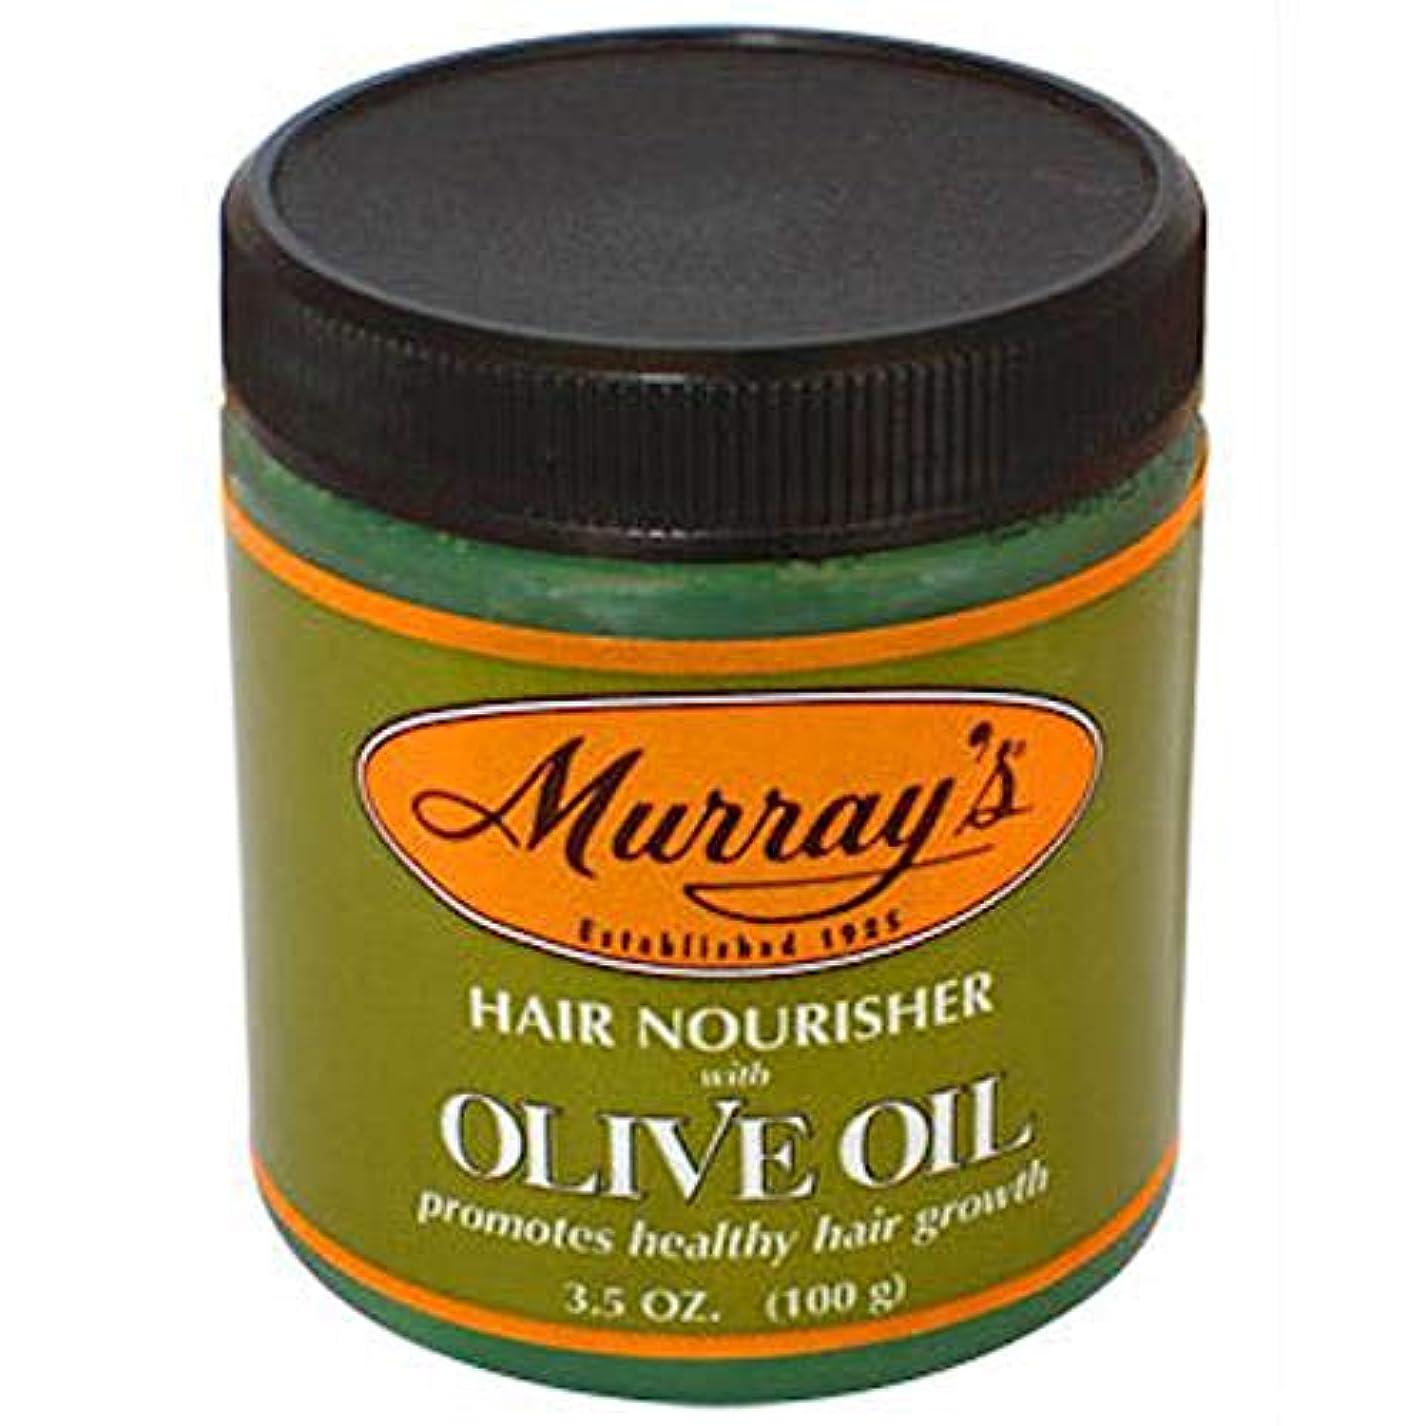 鳴らすアナリストスローガンMURRAY'S(ブランド) マーレーズ - Olive Hair Oil/香水?コスメ 【公式/オフィシャル】